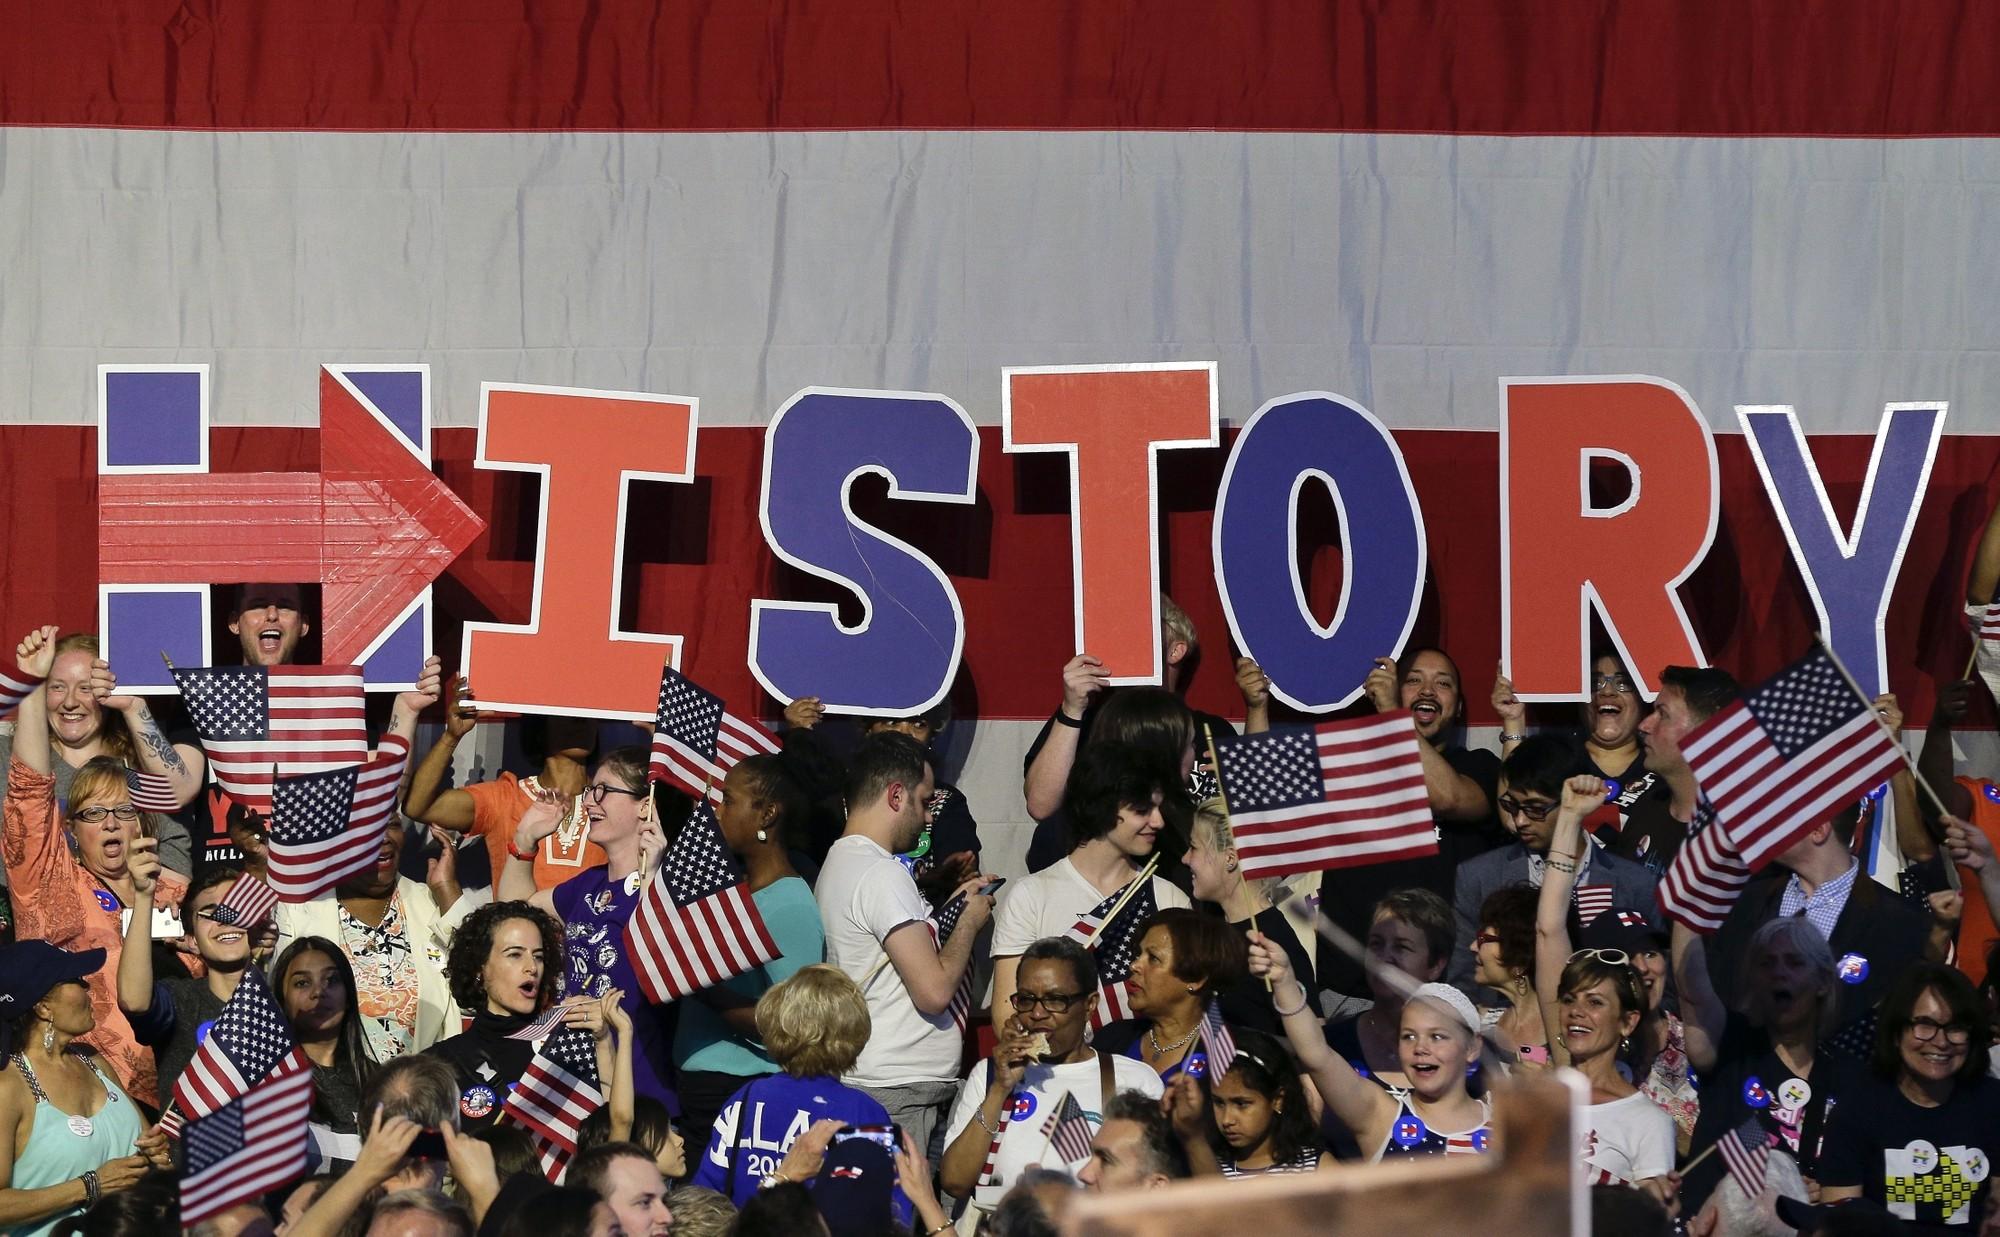 Simpatizantes de Hillary aguardam que ela discurse em Nova york na noite desta terça (Foto: AP/Julie Jacobson)